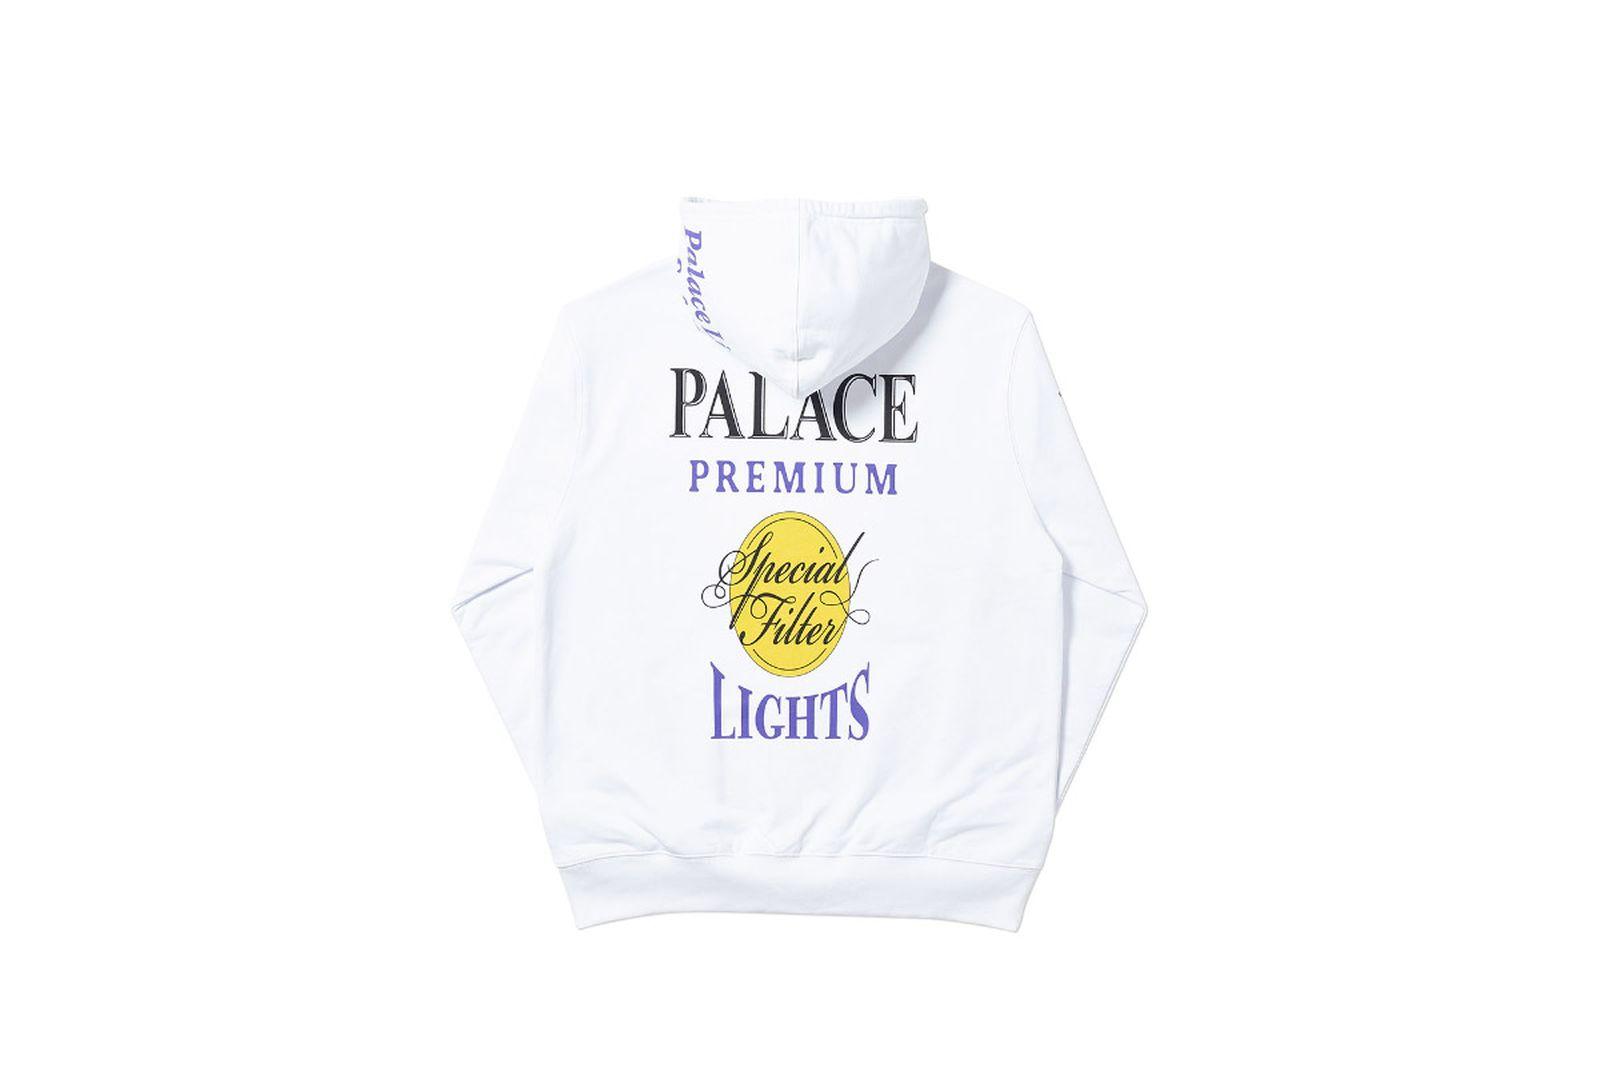 Palace 2019 Autumn Hood Blender white back